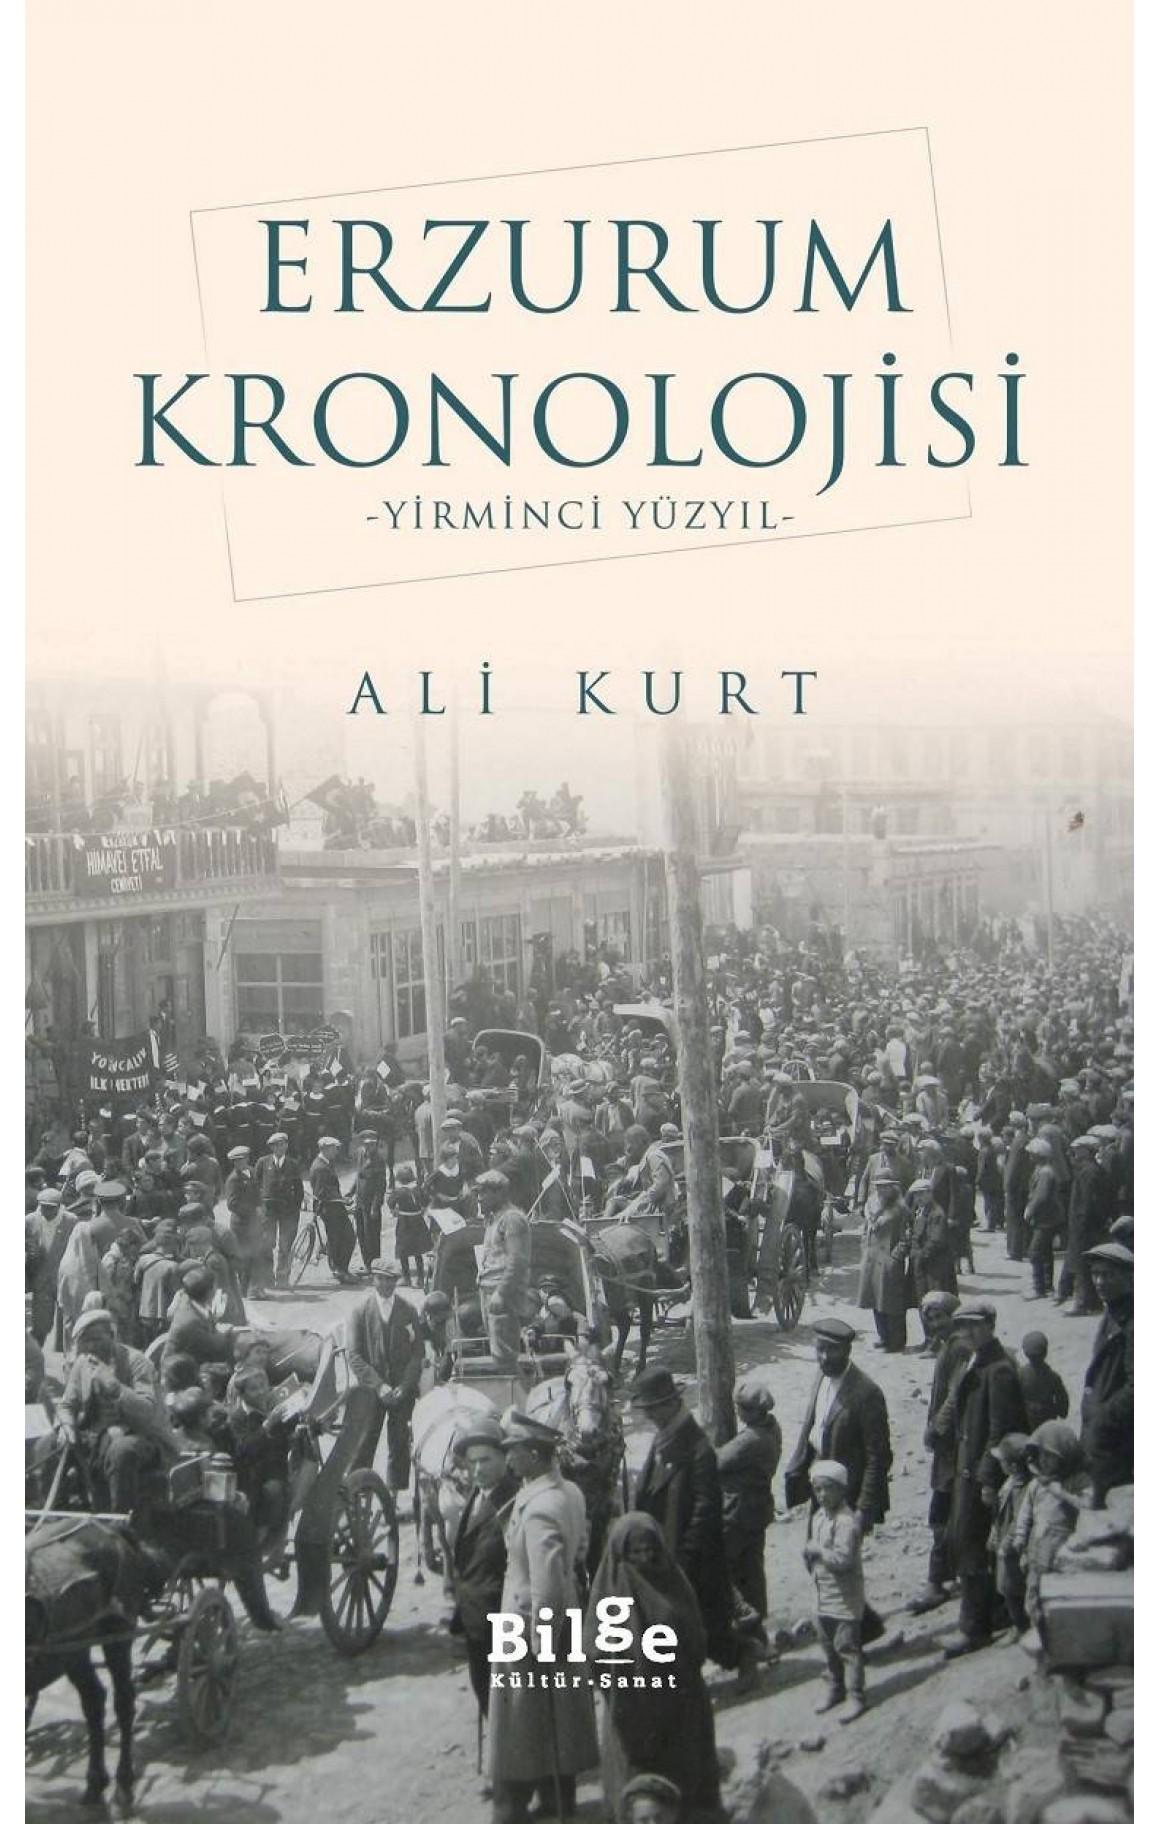 Erzurum Kronolojisi-Yirminci Yüzyıl